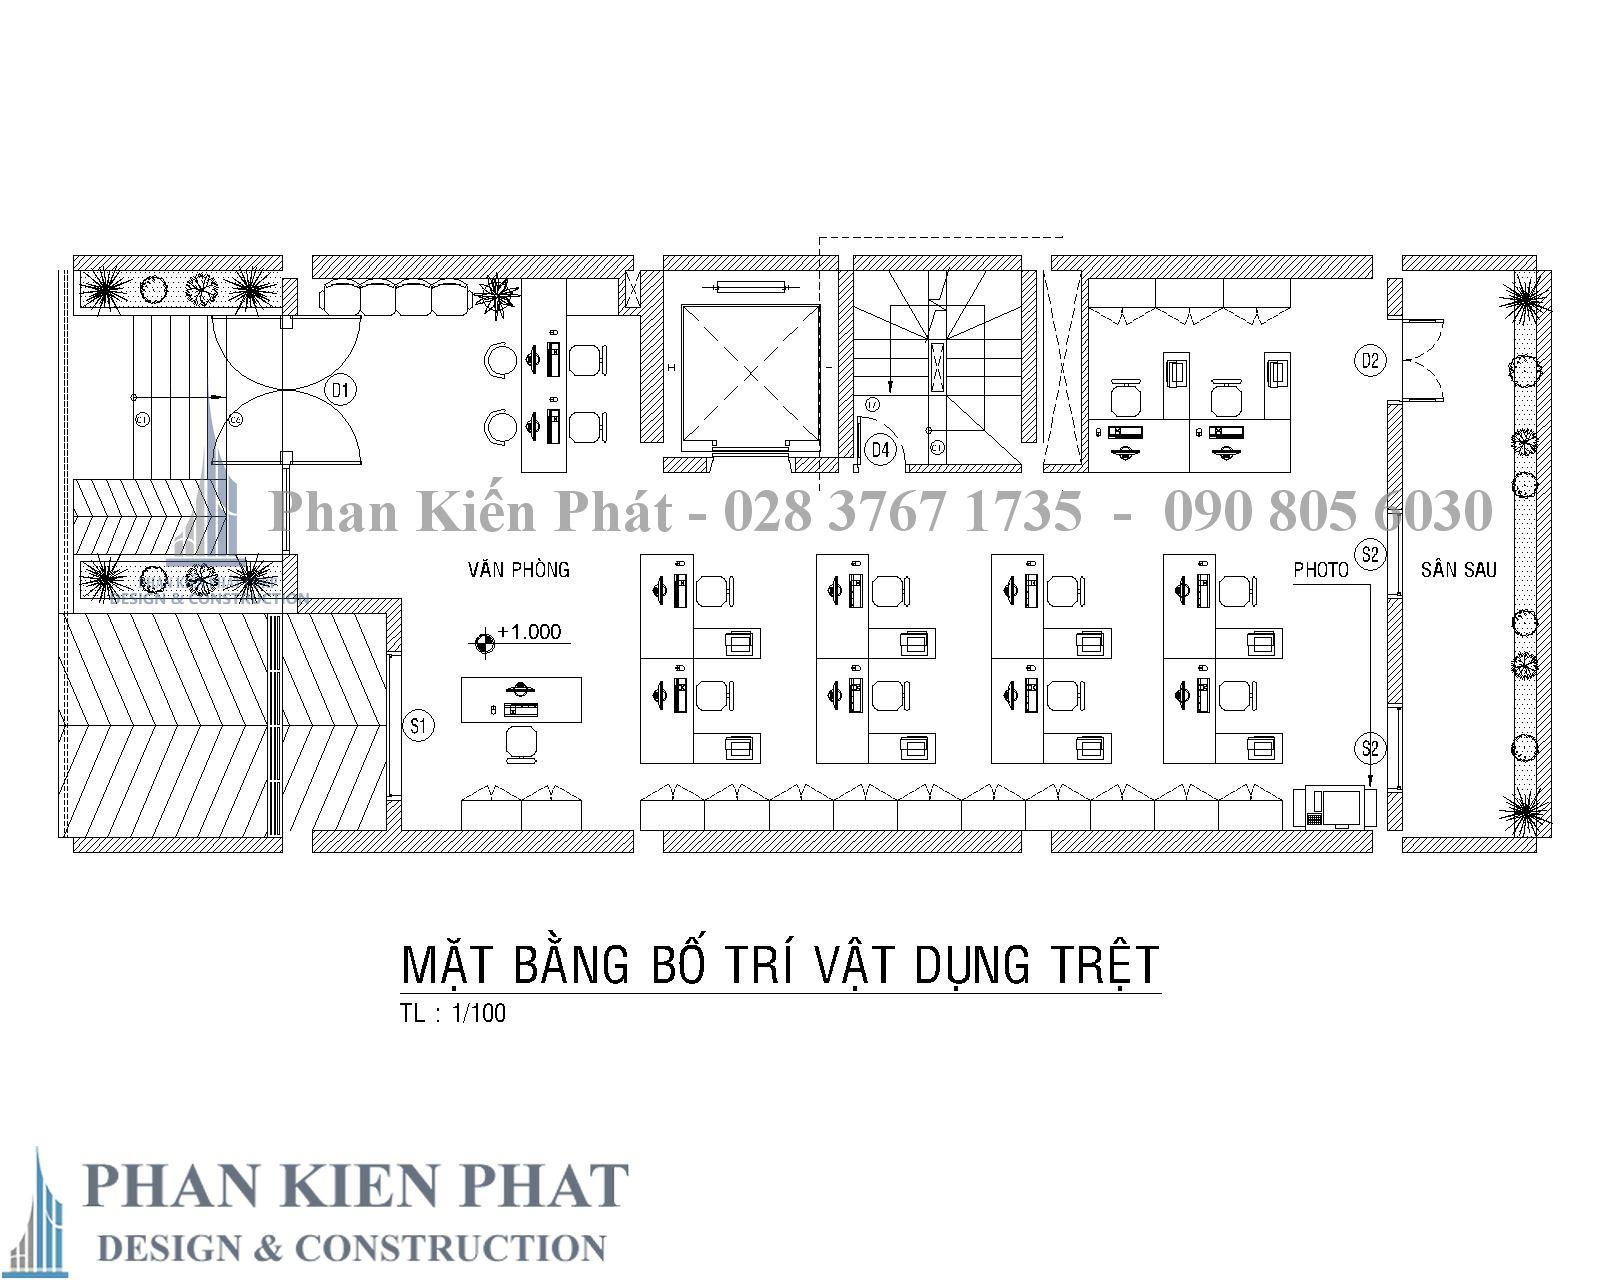 Mat Bang Bo Tri Vat Dung Tang Tret - biệt thự cổ điển kết hợp kinh doanh Quan 2